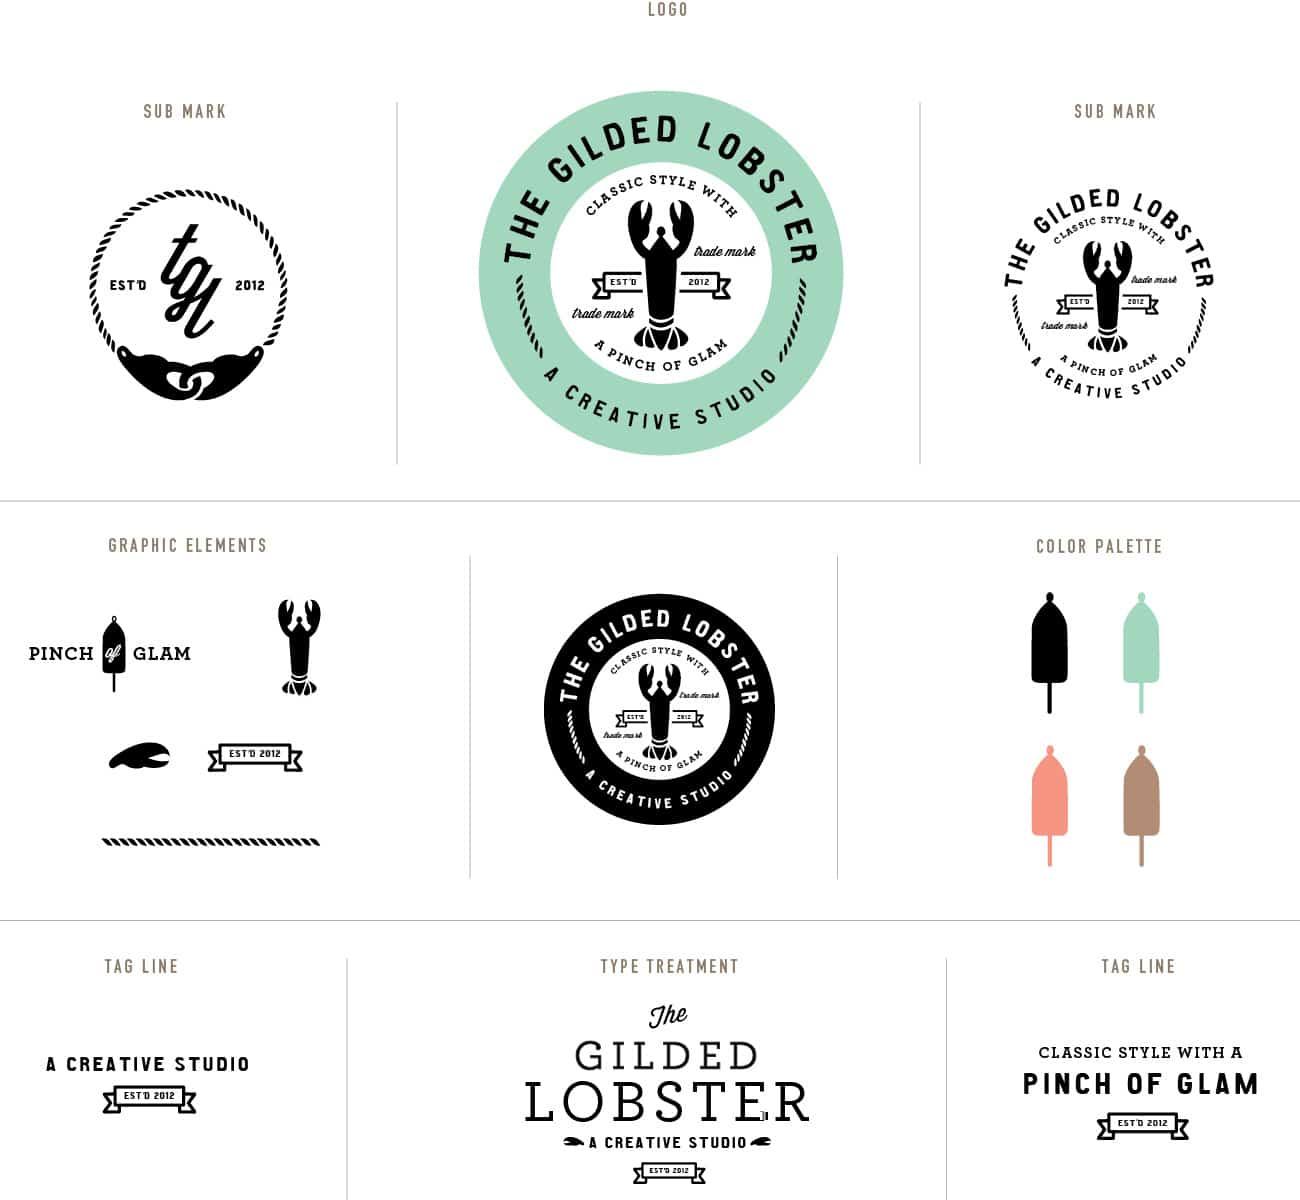 GildedLobster_blogpost